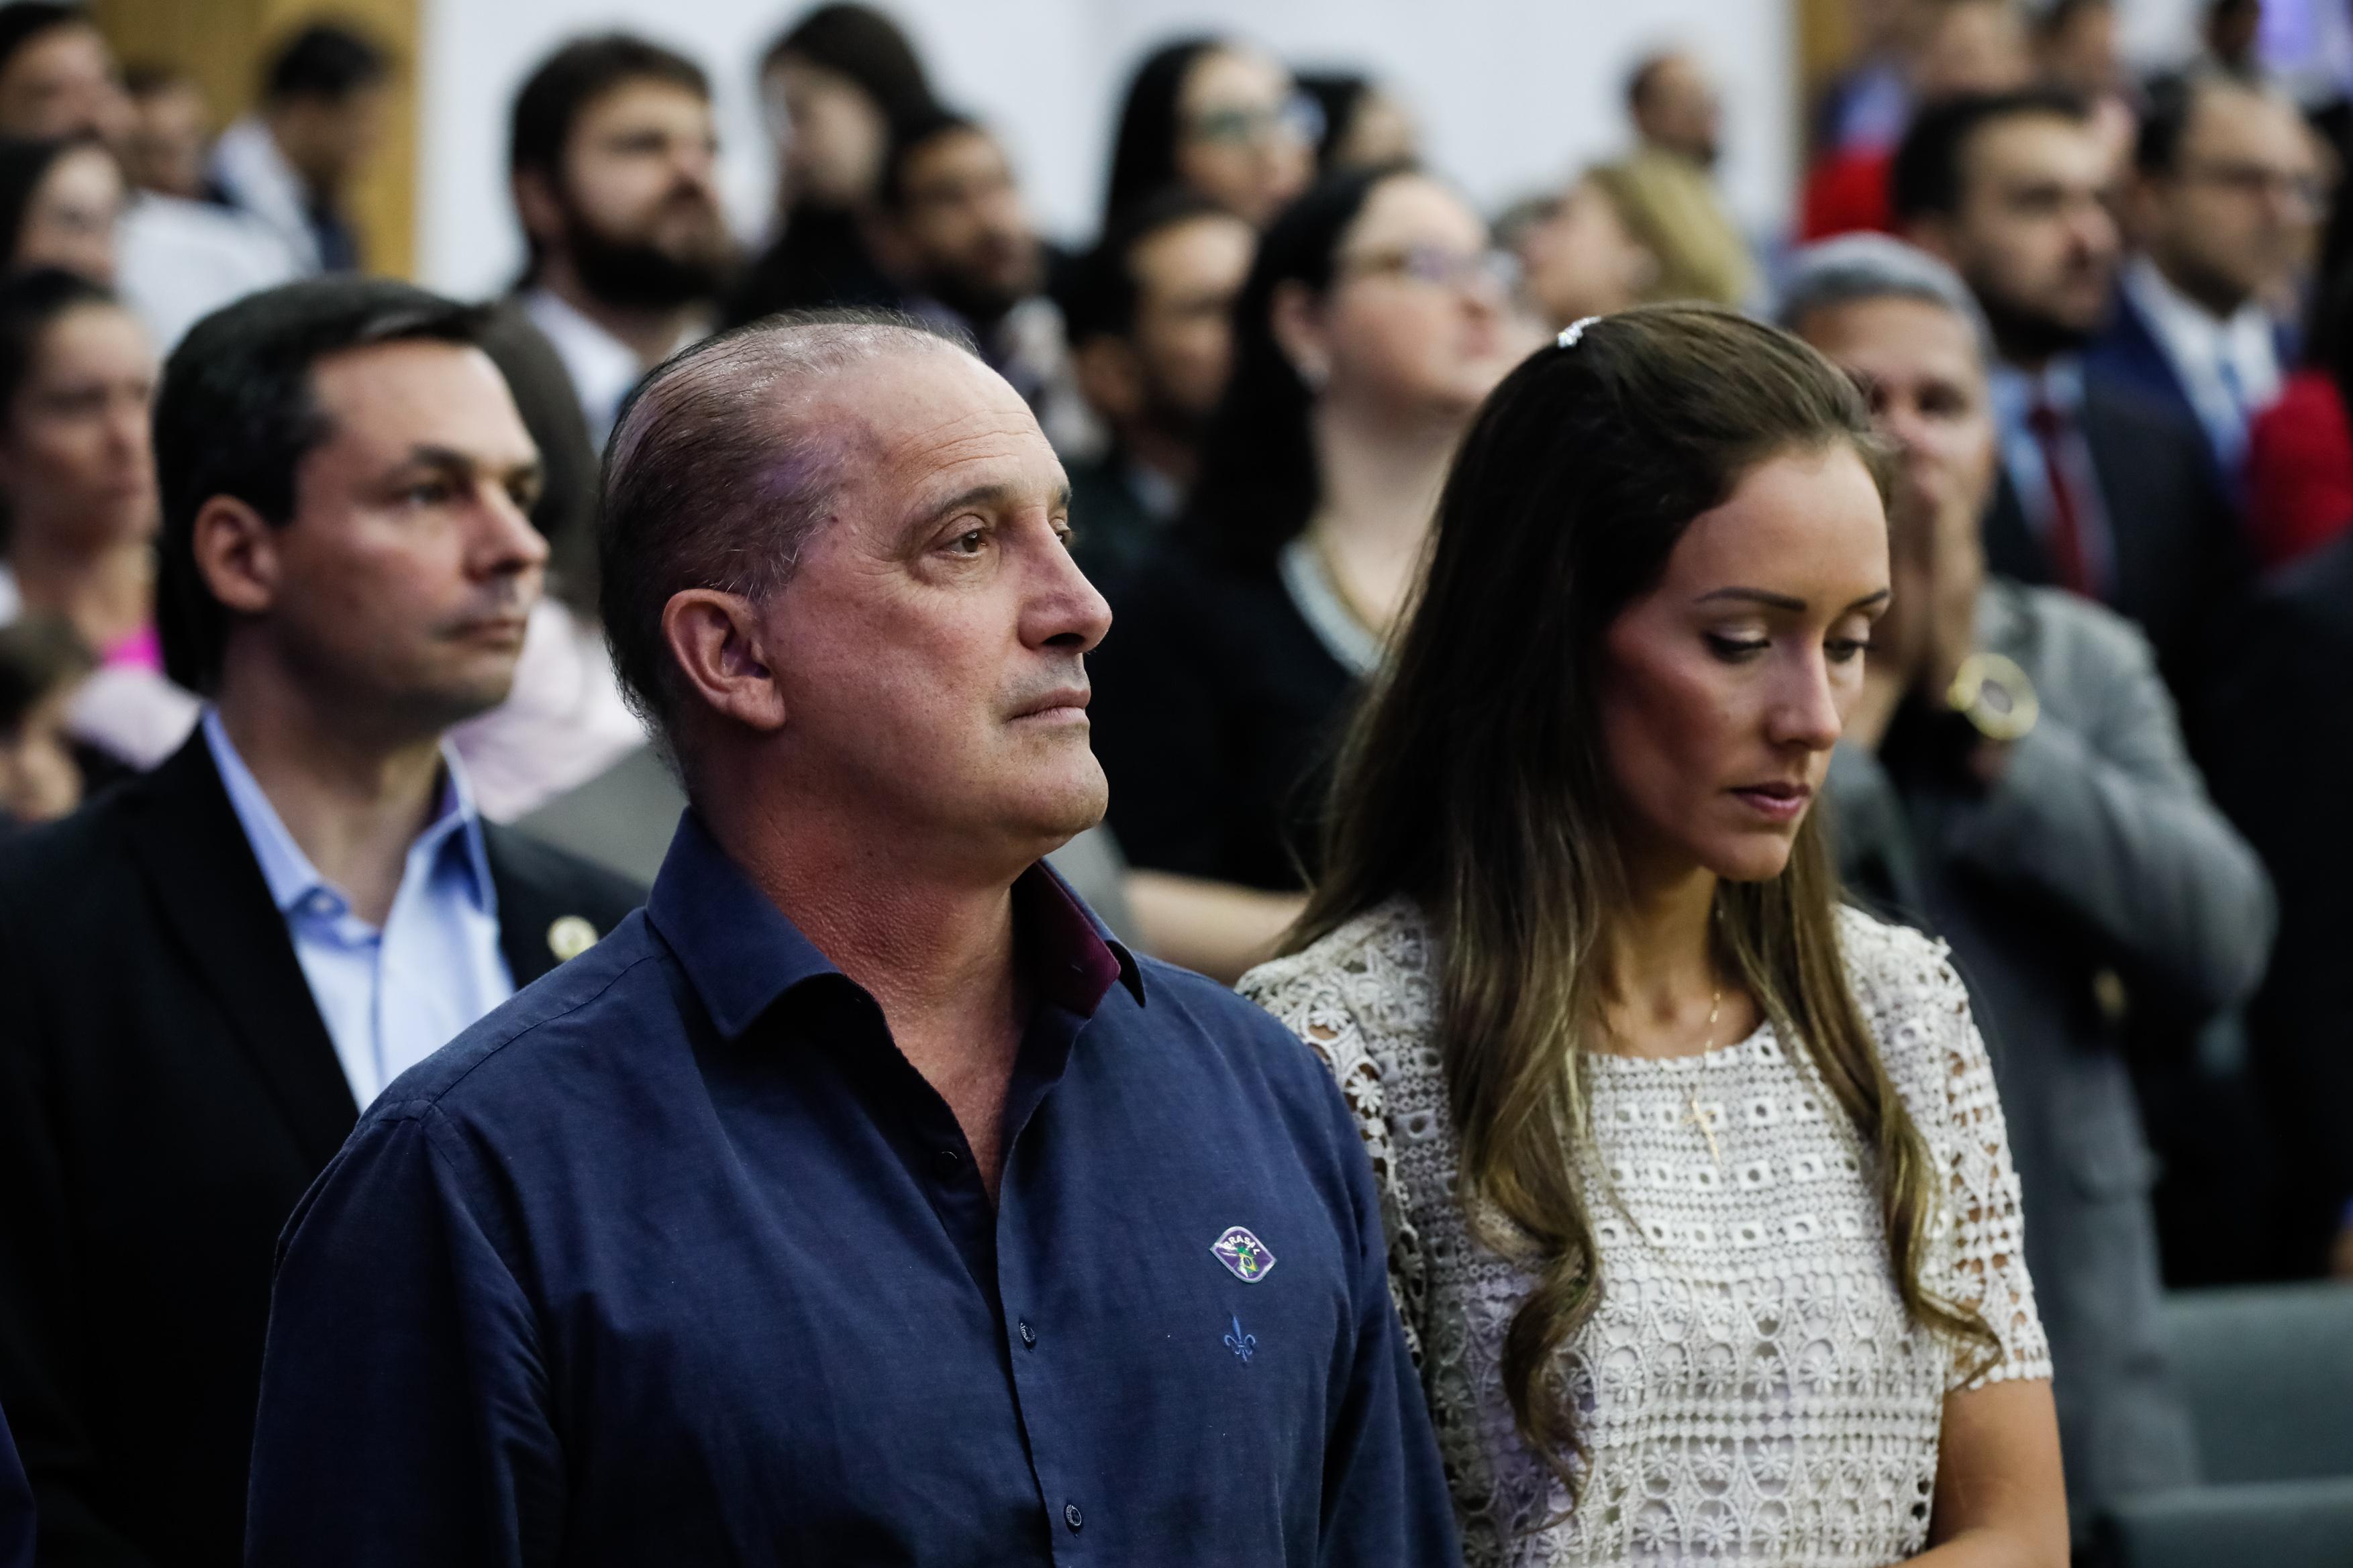 IMAGEM: Diretor da Roquette Pinto desagradou Casa Civil ao não topar indicações políticas